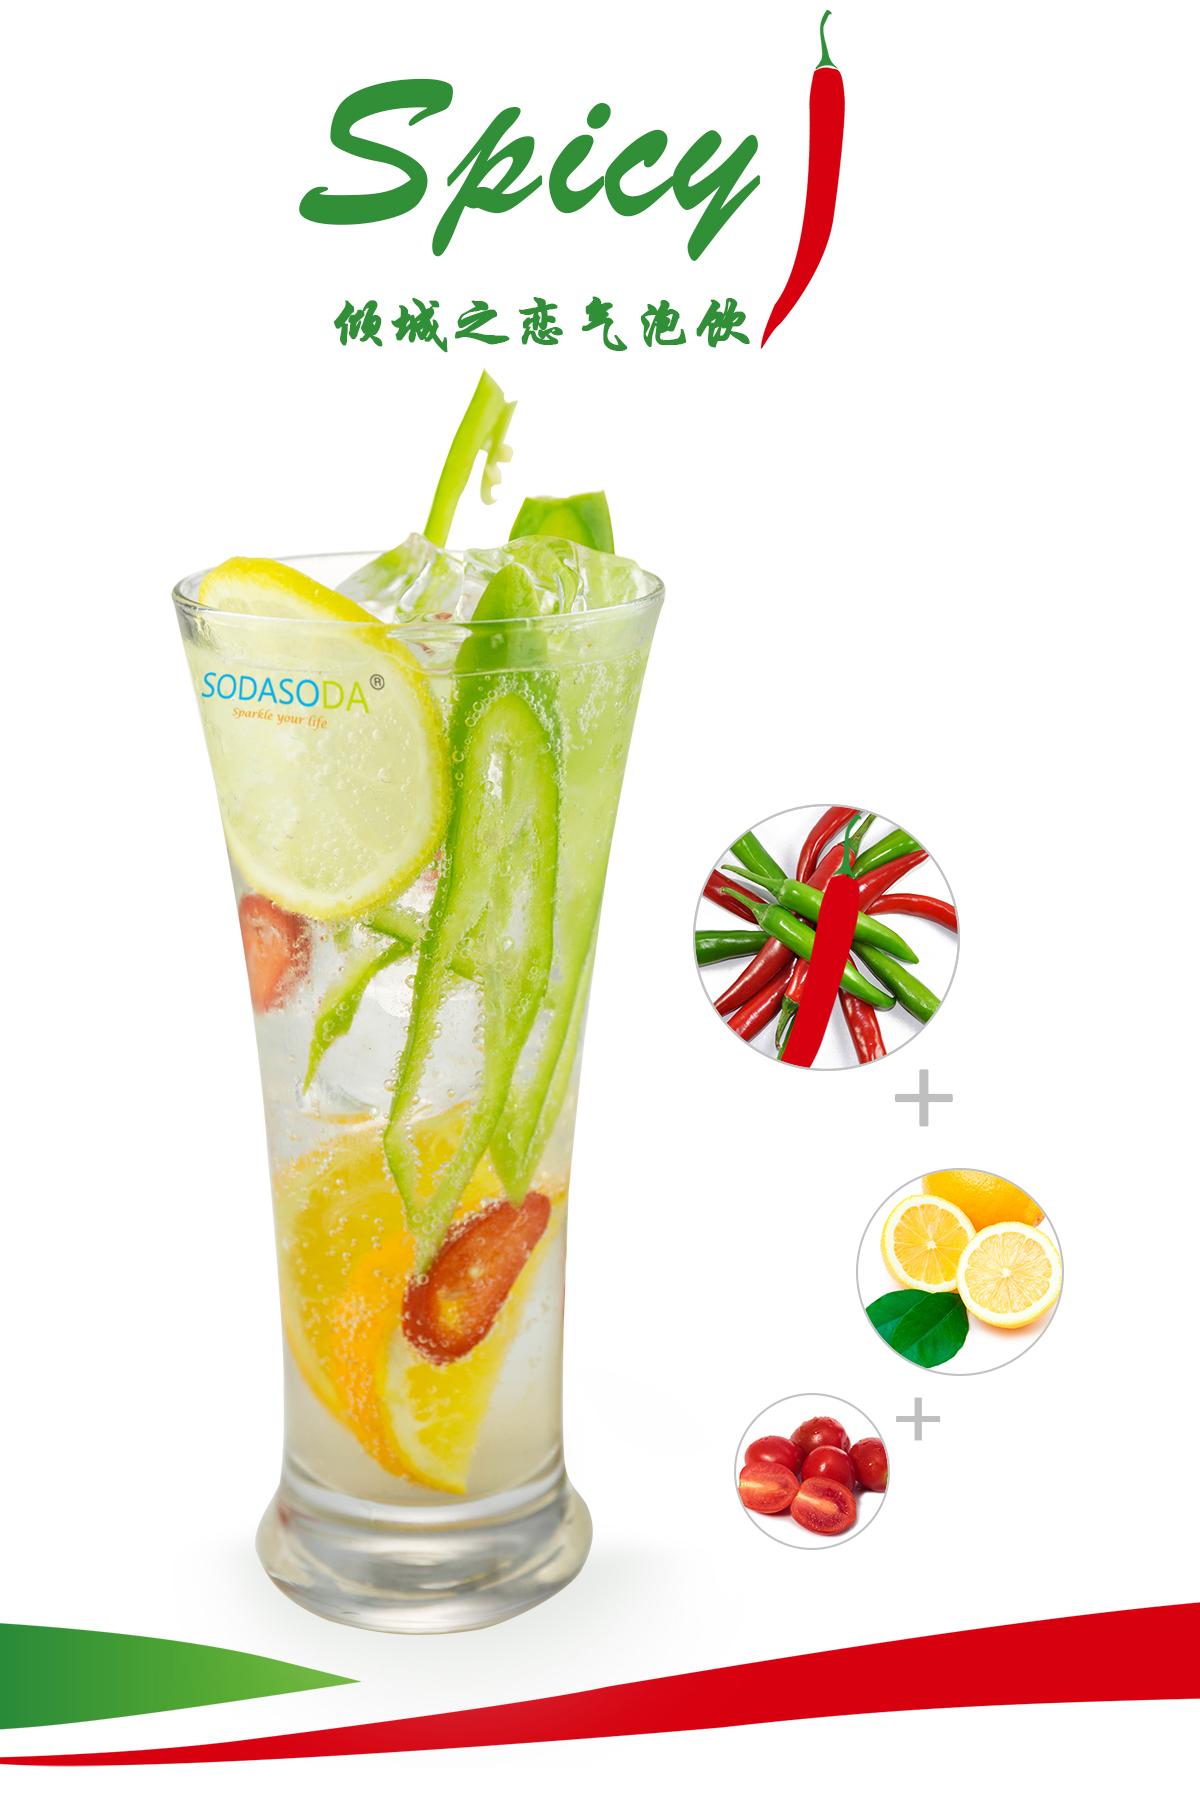 星巴克追随SODASODA挑战麻辣饮品 推出辣意椒香摩卡